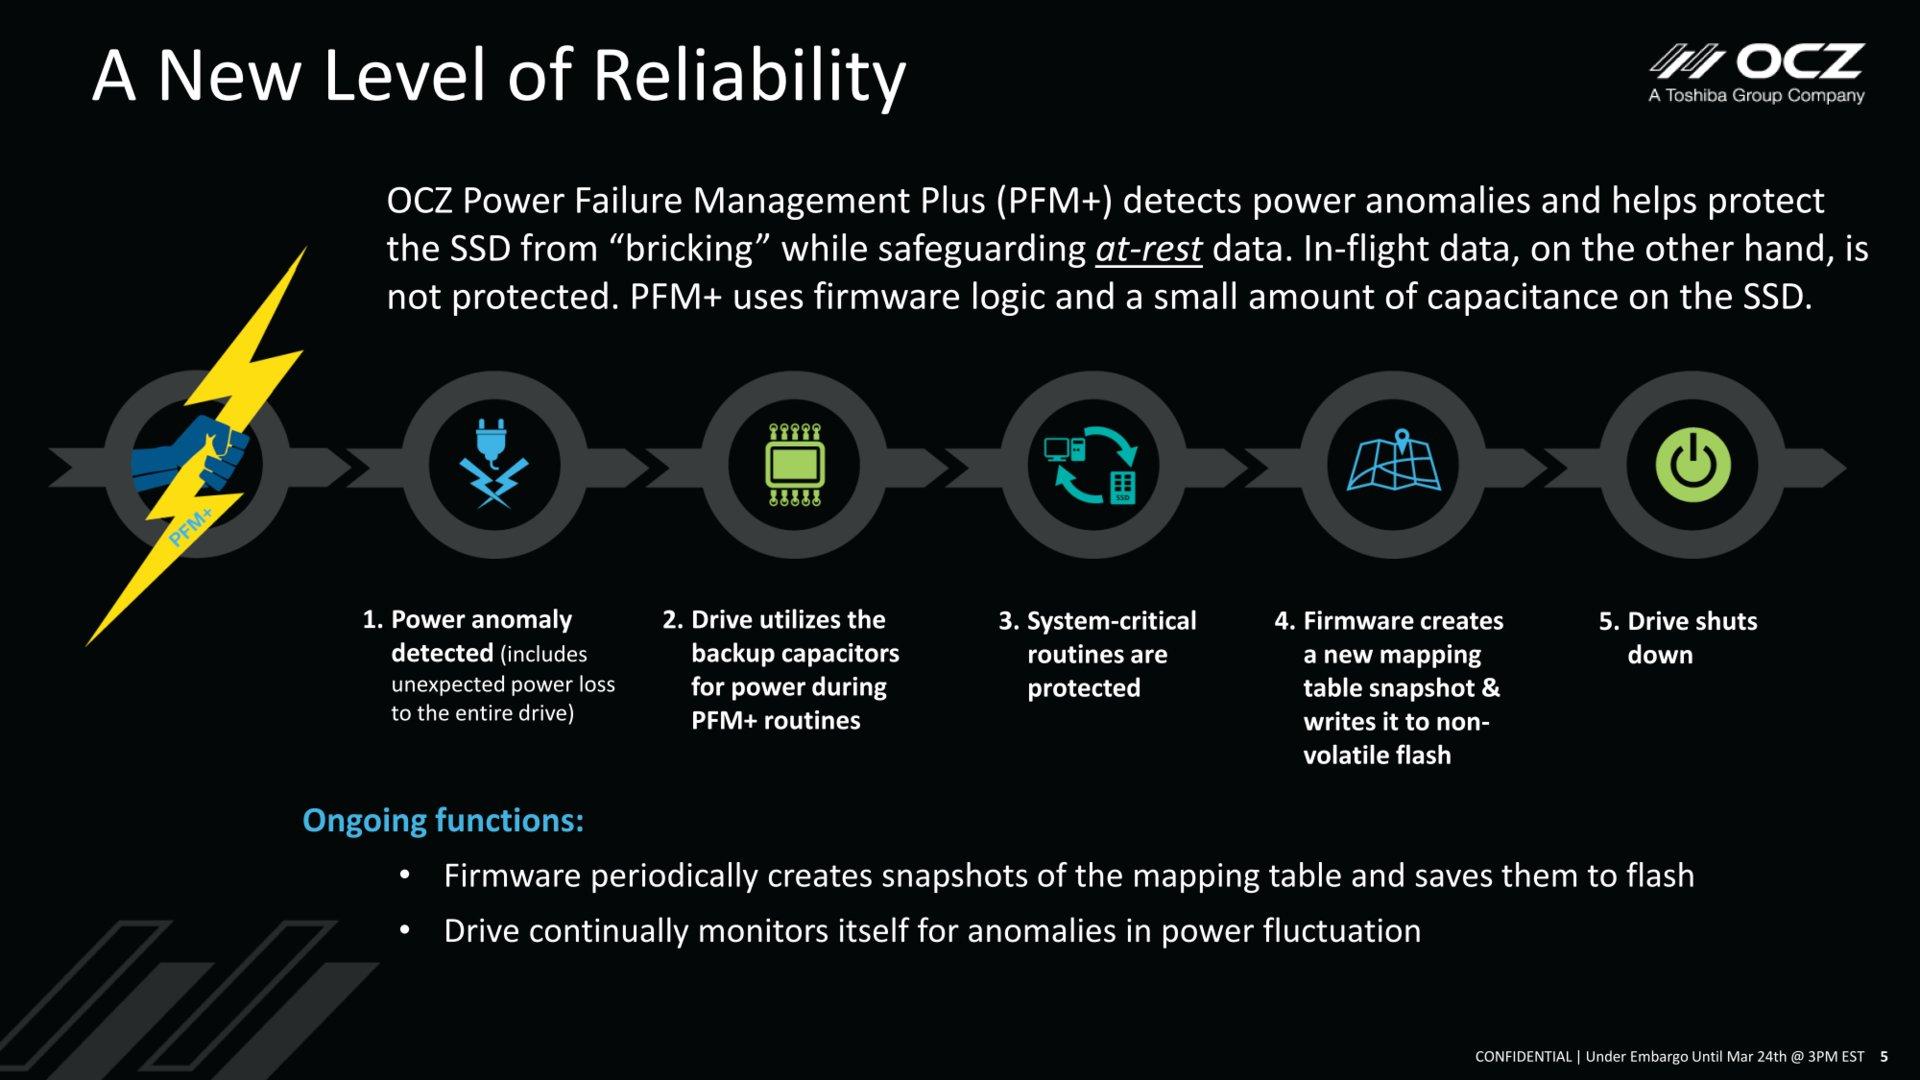 Power Failure Management Plus (PFM+)